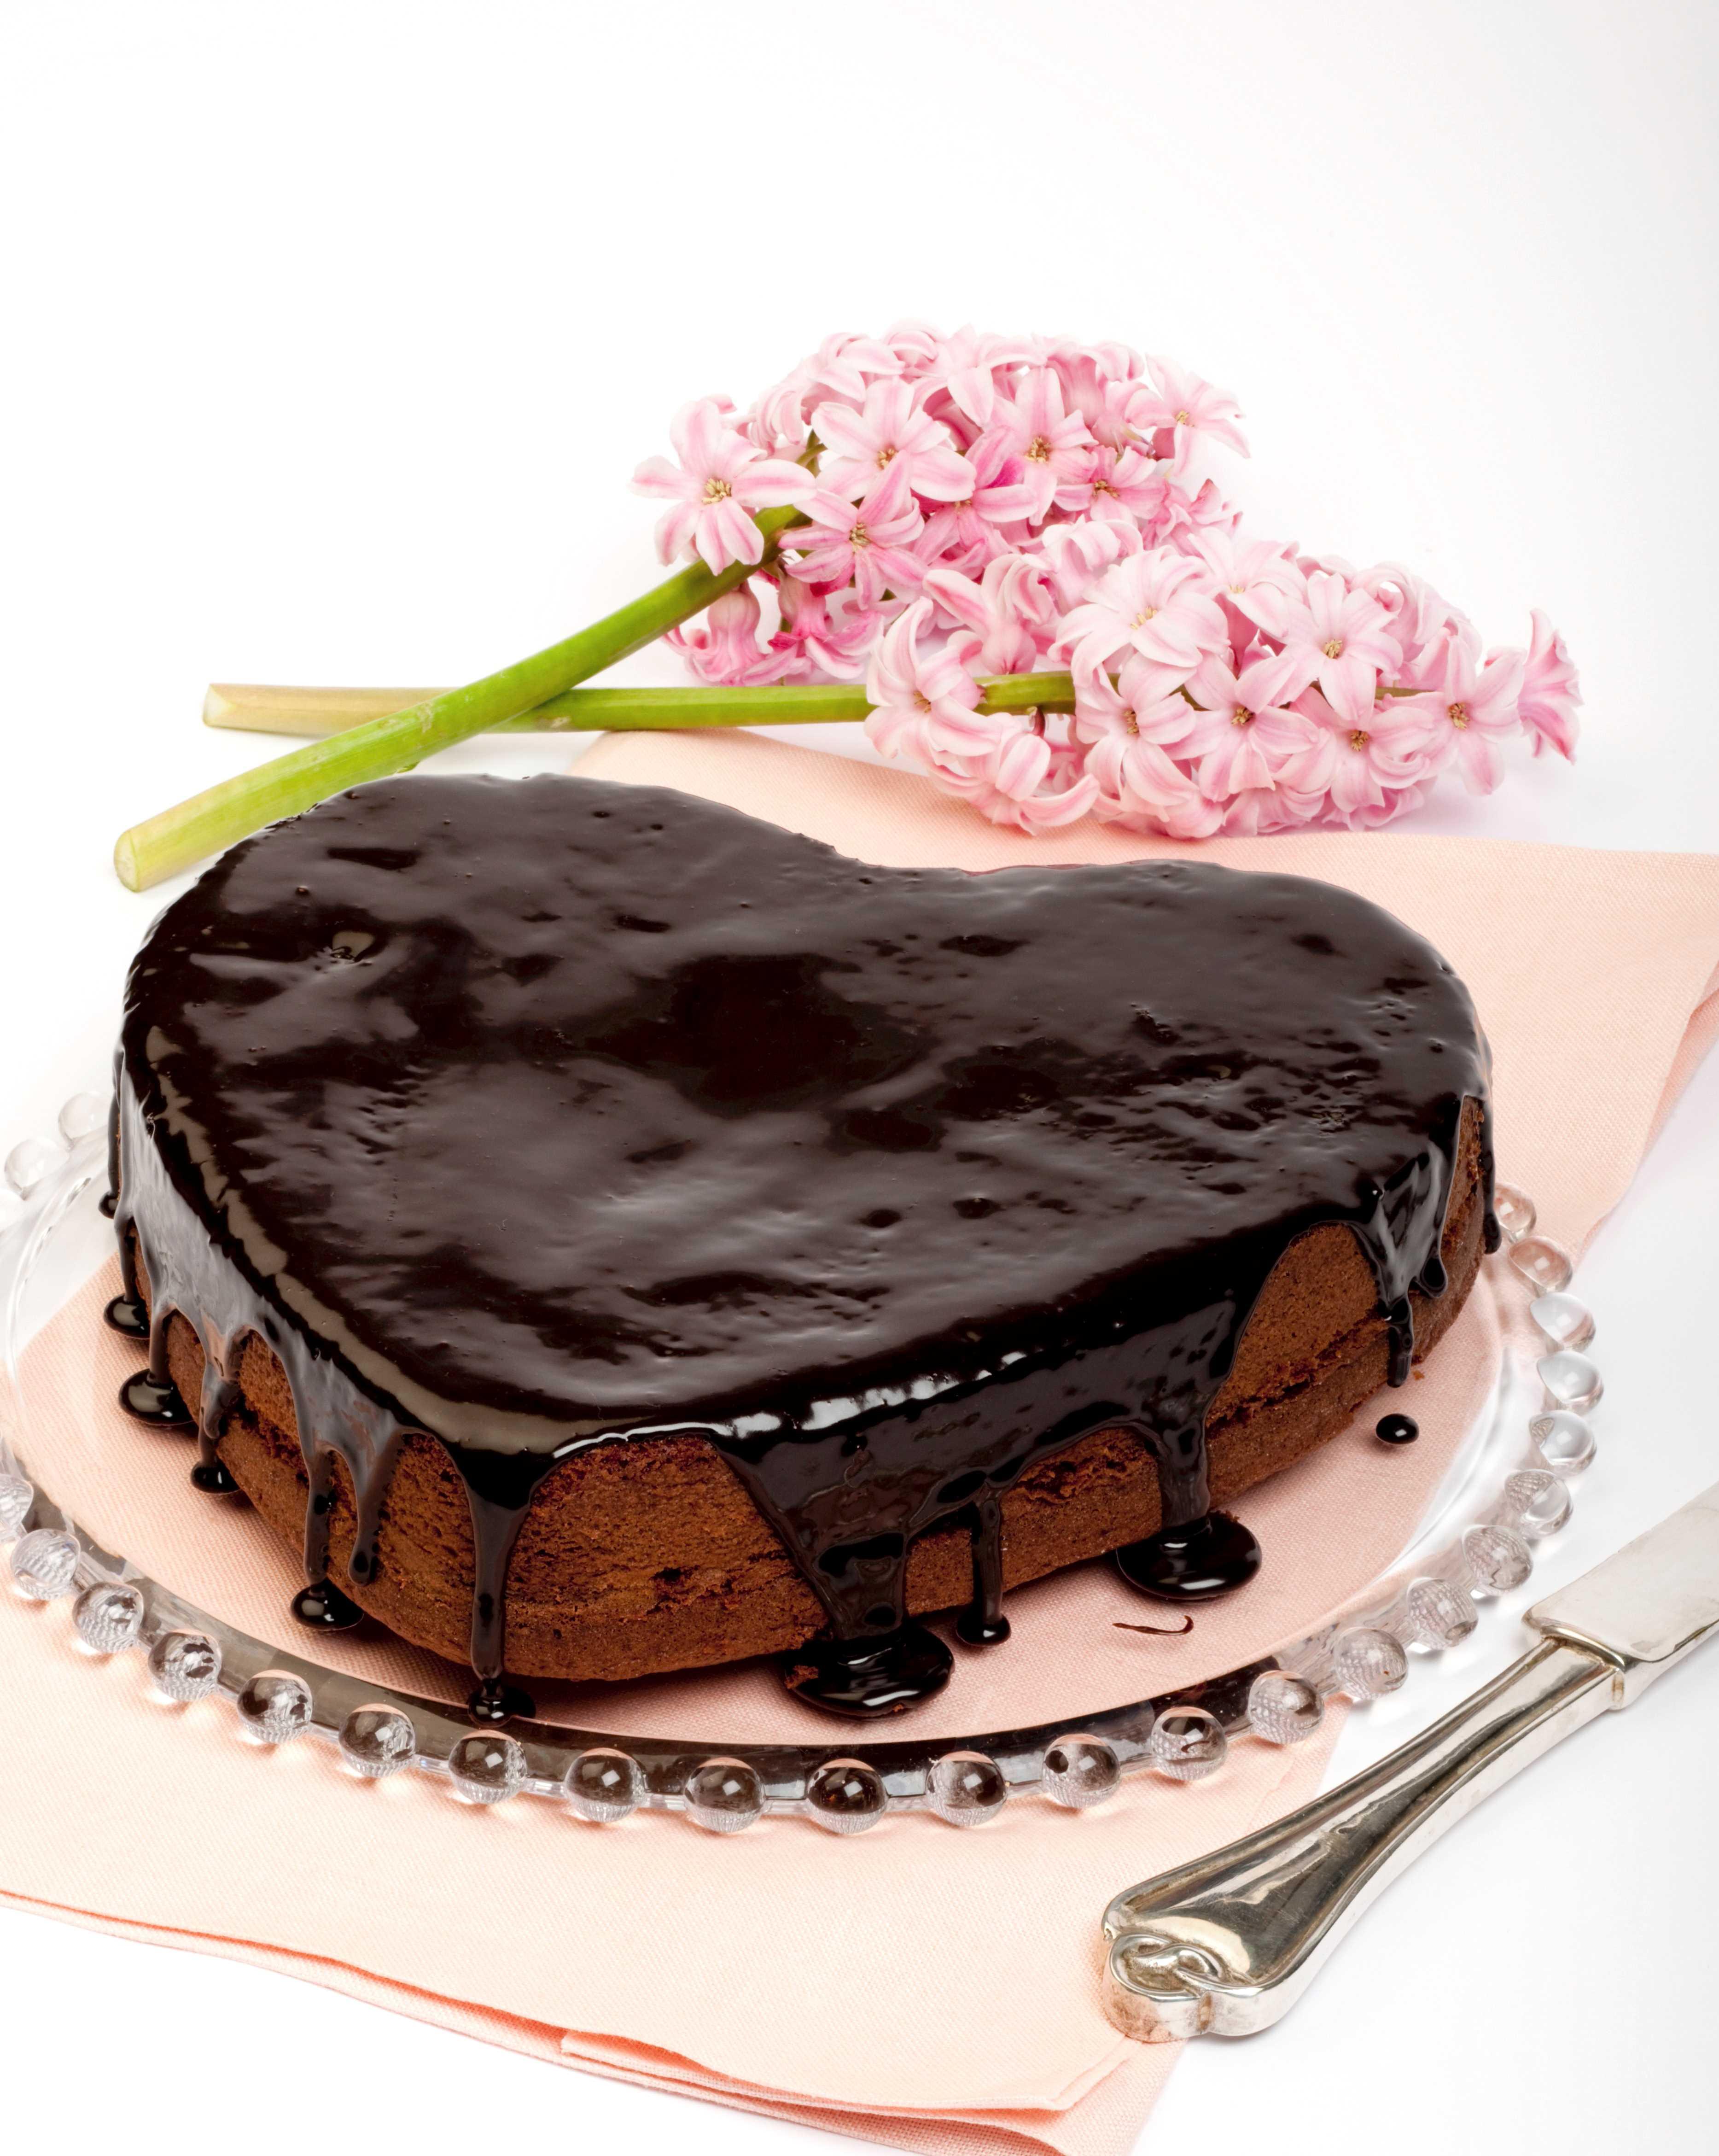 Ricetta Torta Al Cioccolato A Forma Di Cuore.Ricetta Torta Cuore Di Cioccolato Con Il Bimby Agrodolce